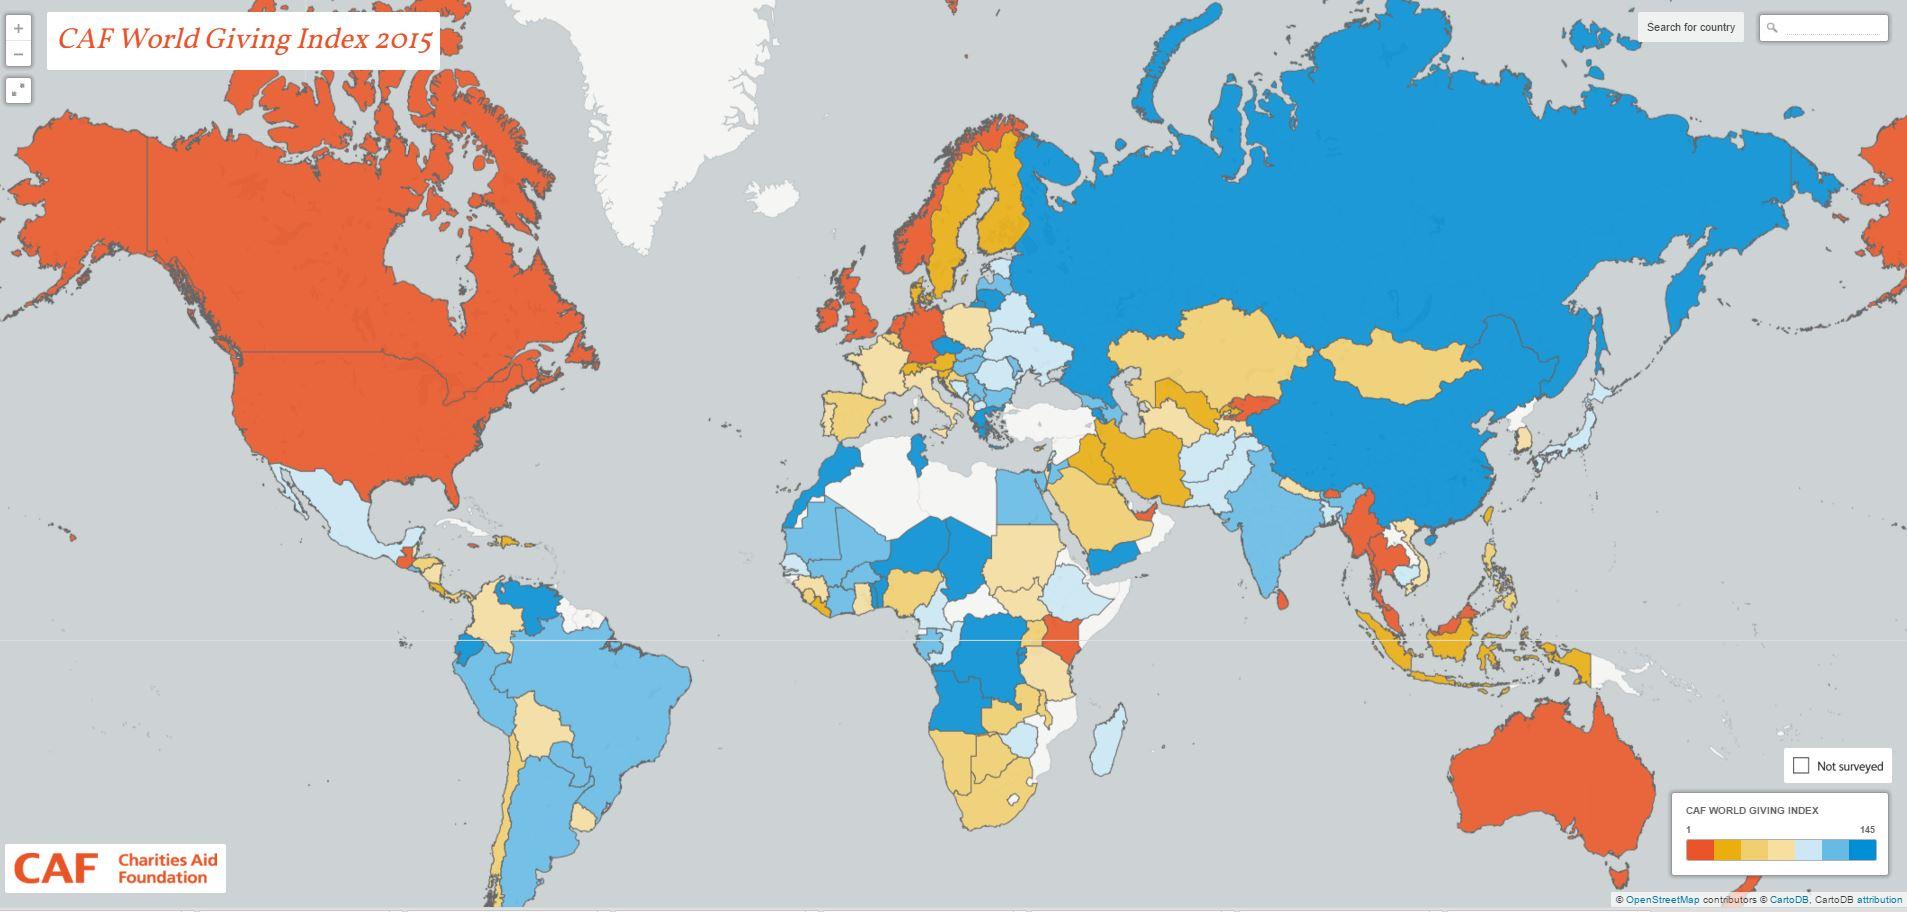 151203-world giving index generosity CAF